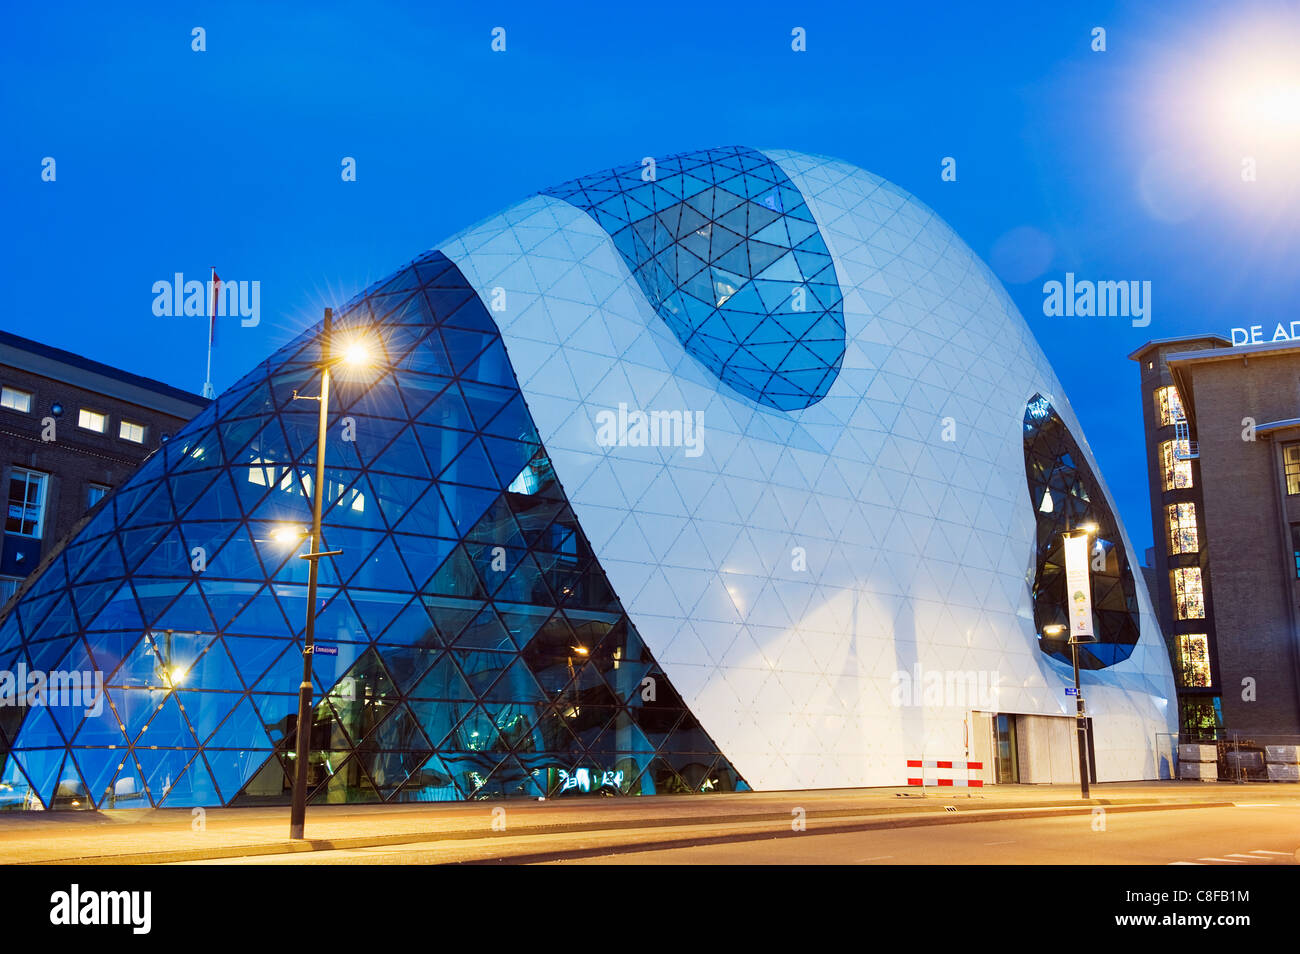 Moderne Architektur in 18 Septemberplein entworfen von italienischen Architekturbüro von Massimiliano Fuksas, Stockbild